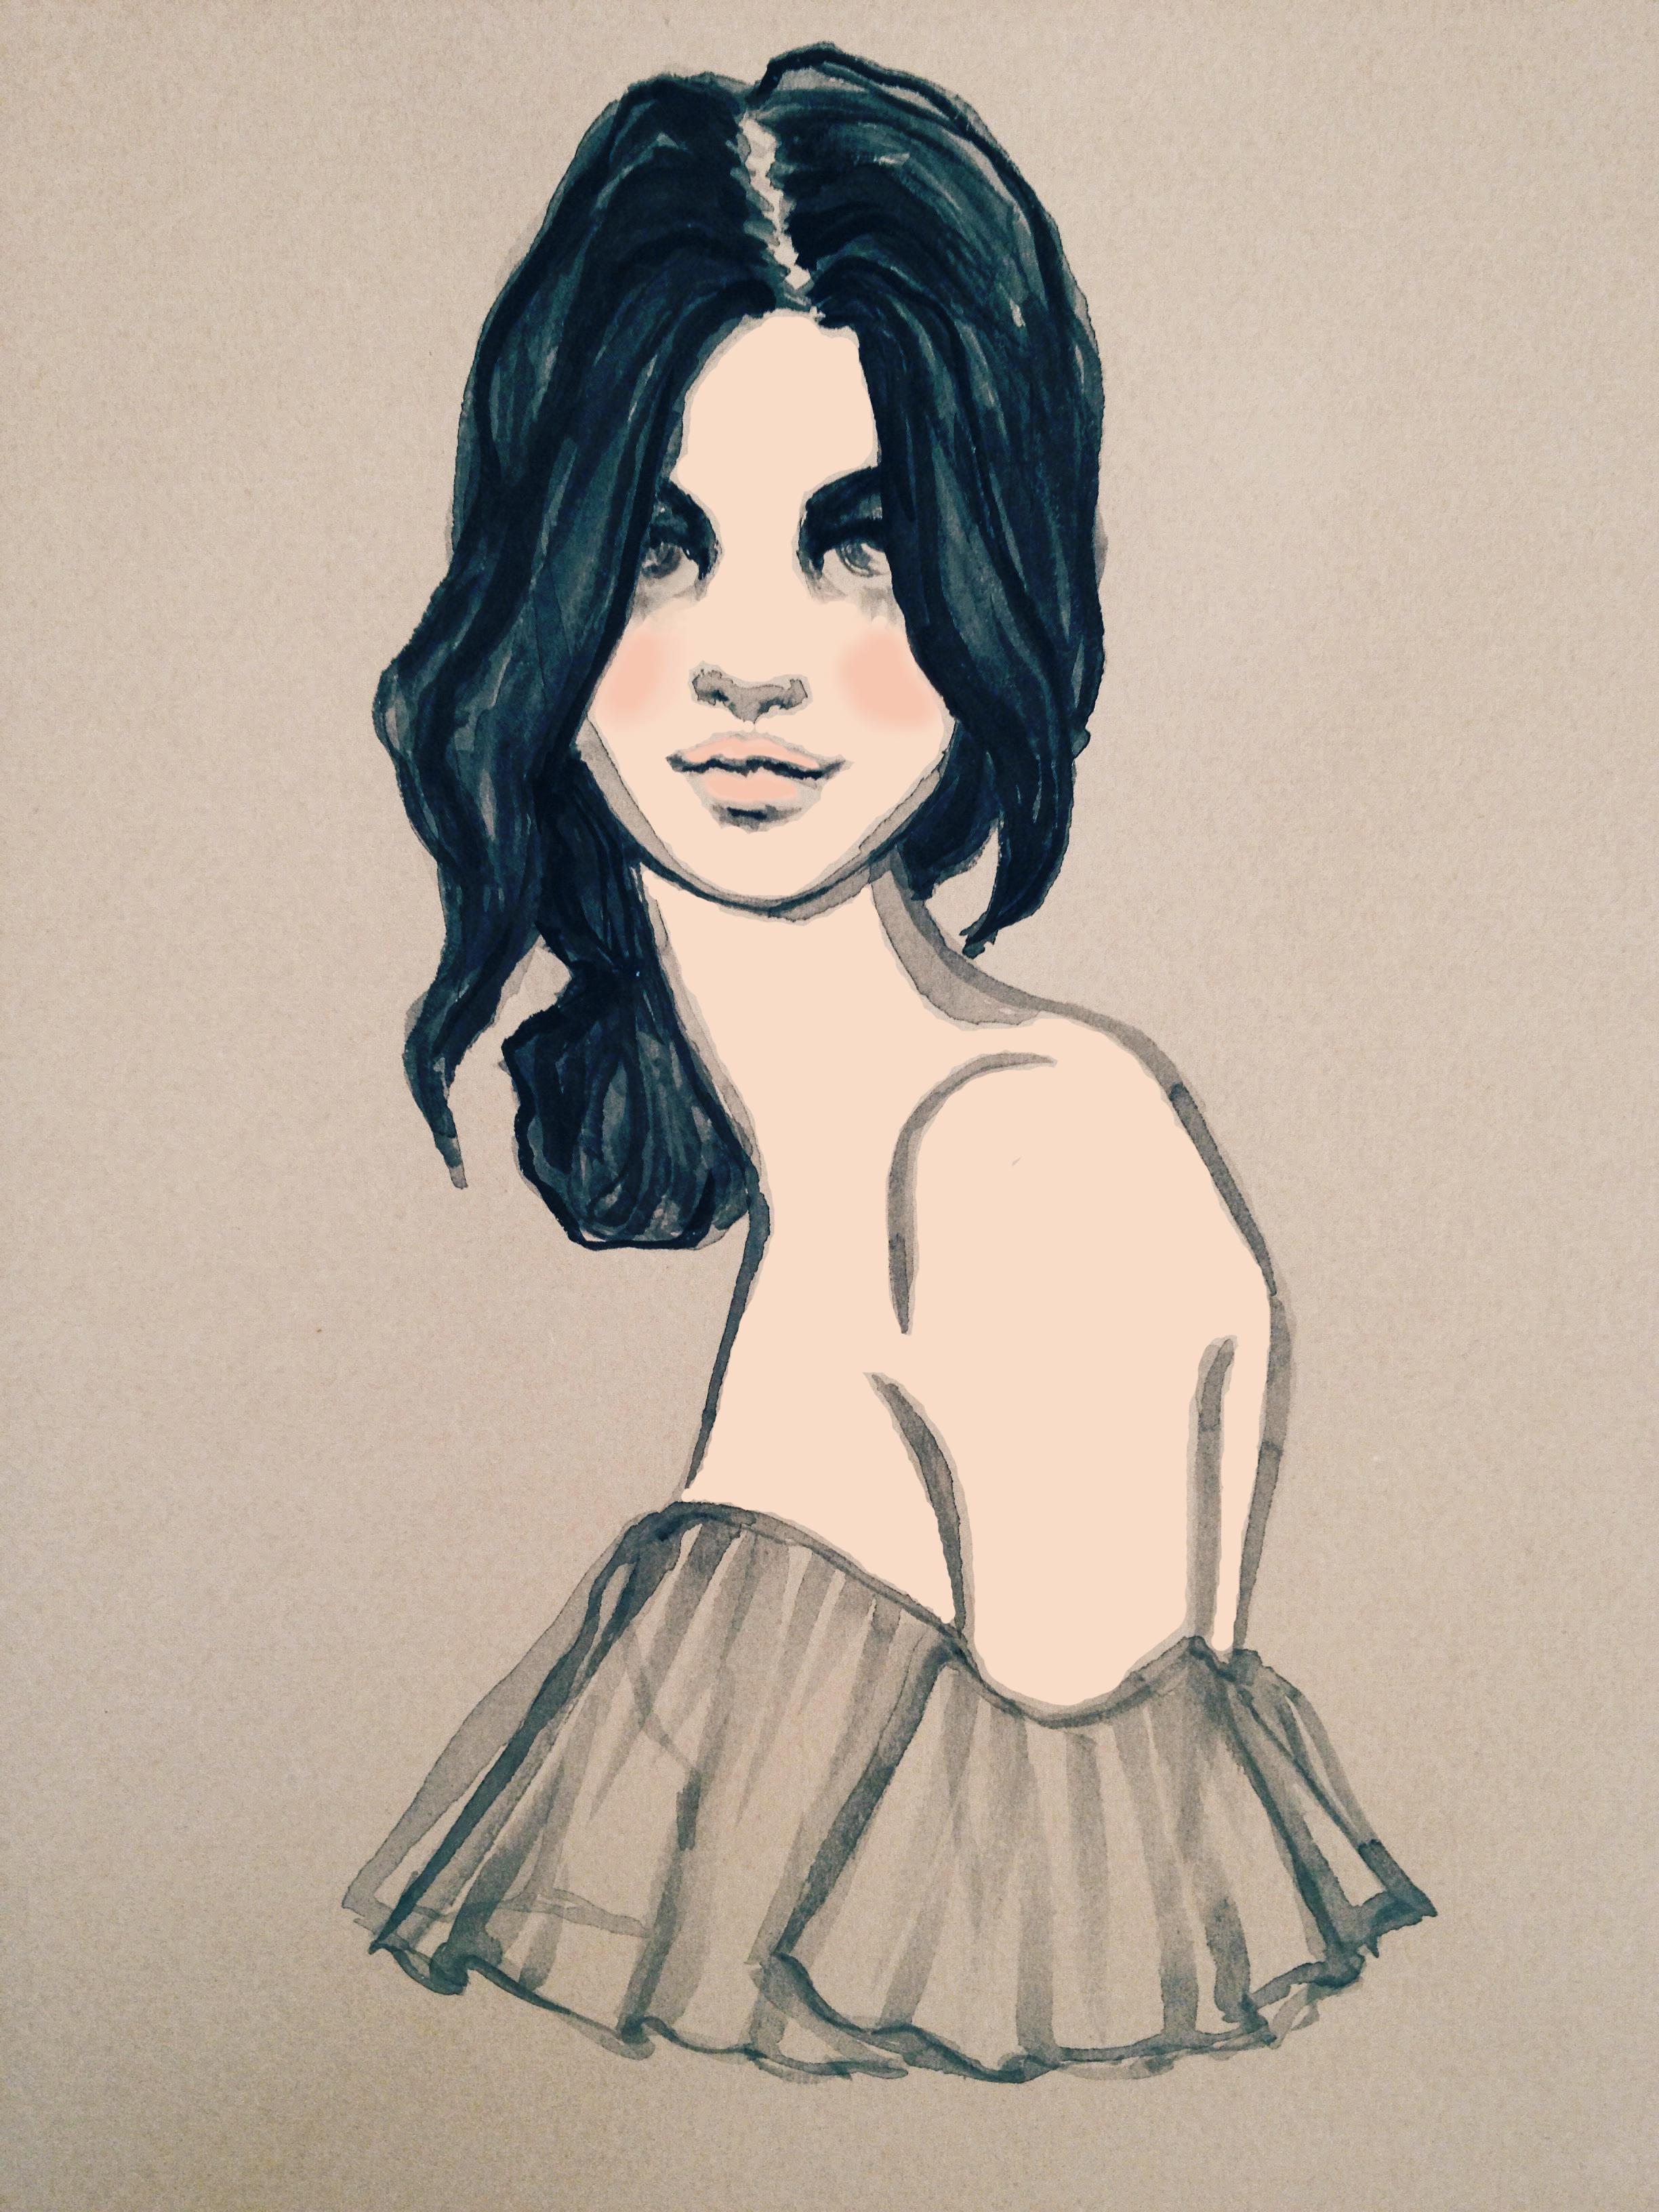 Sarah Janks for Lovely Bride